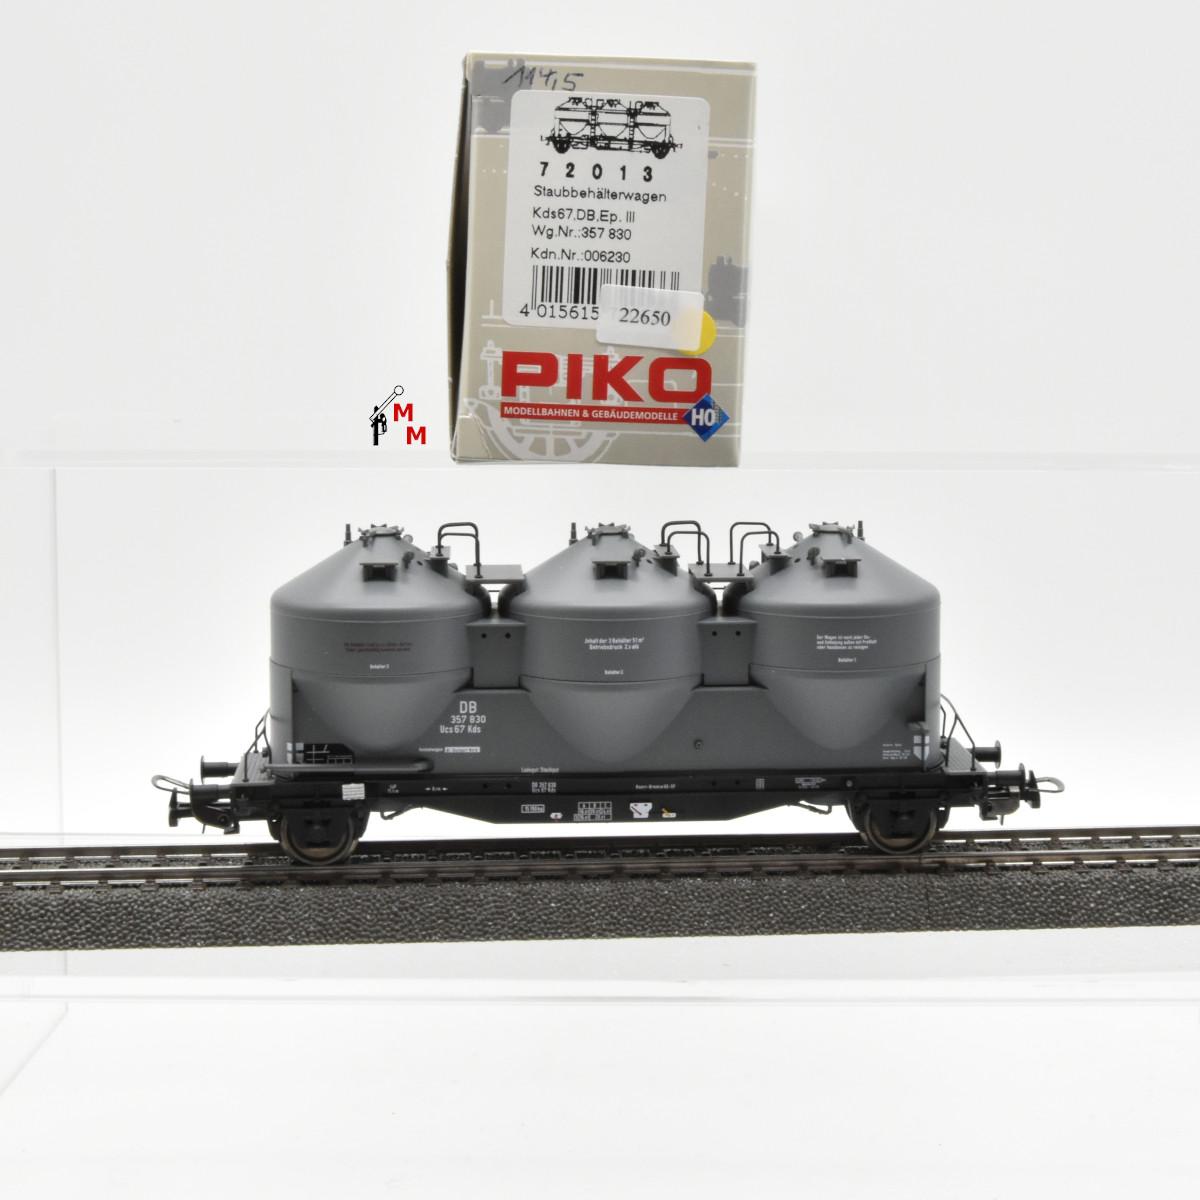 Piko 72013 Staubbehälterwagen der DB, Ep.III, (22650)